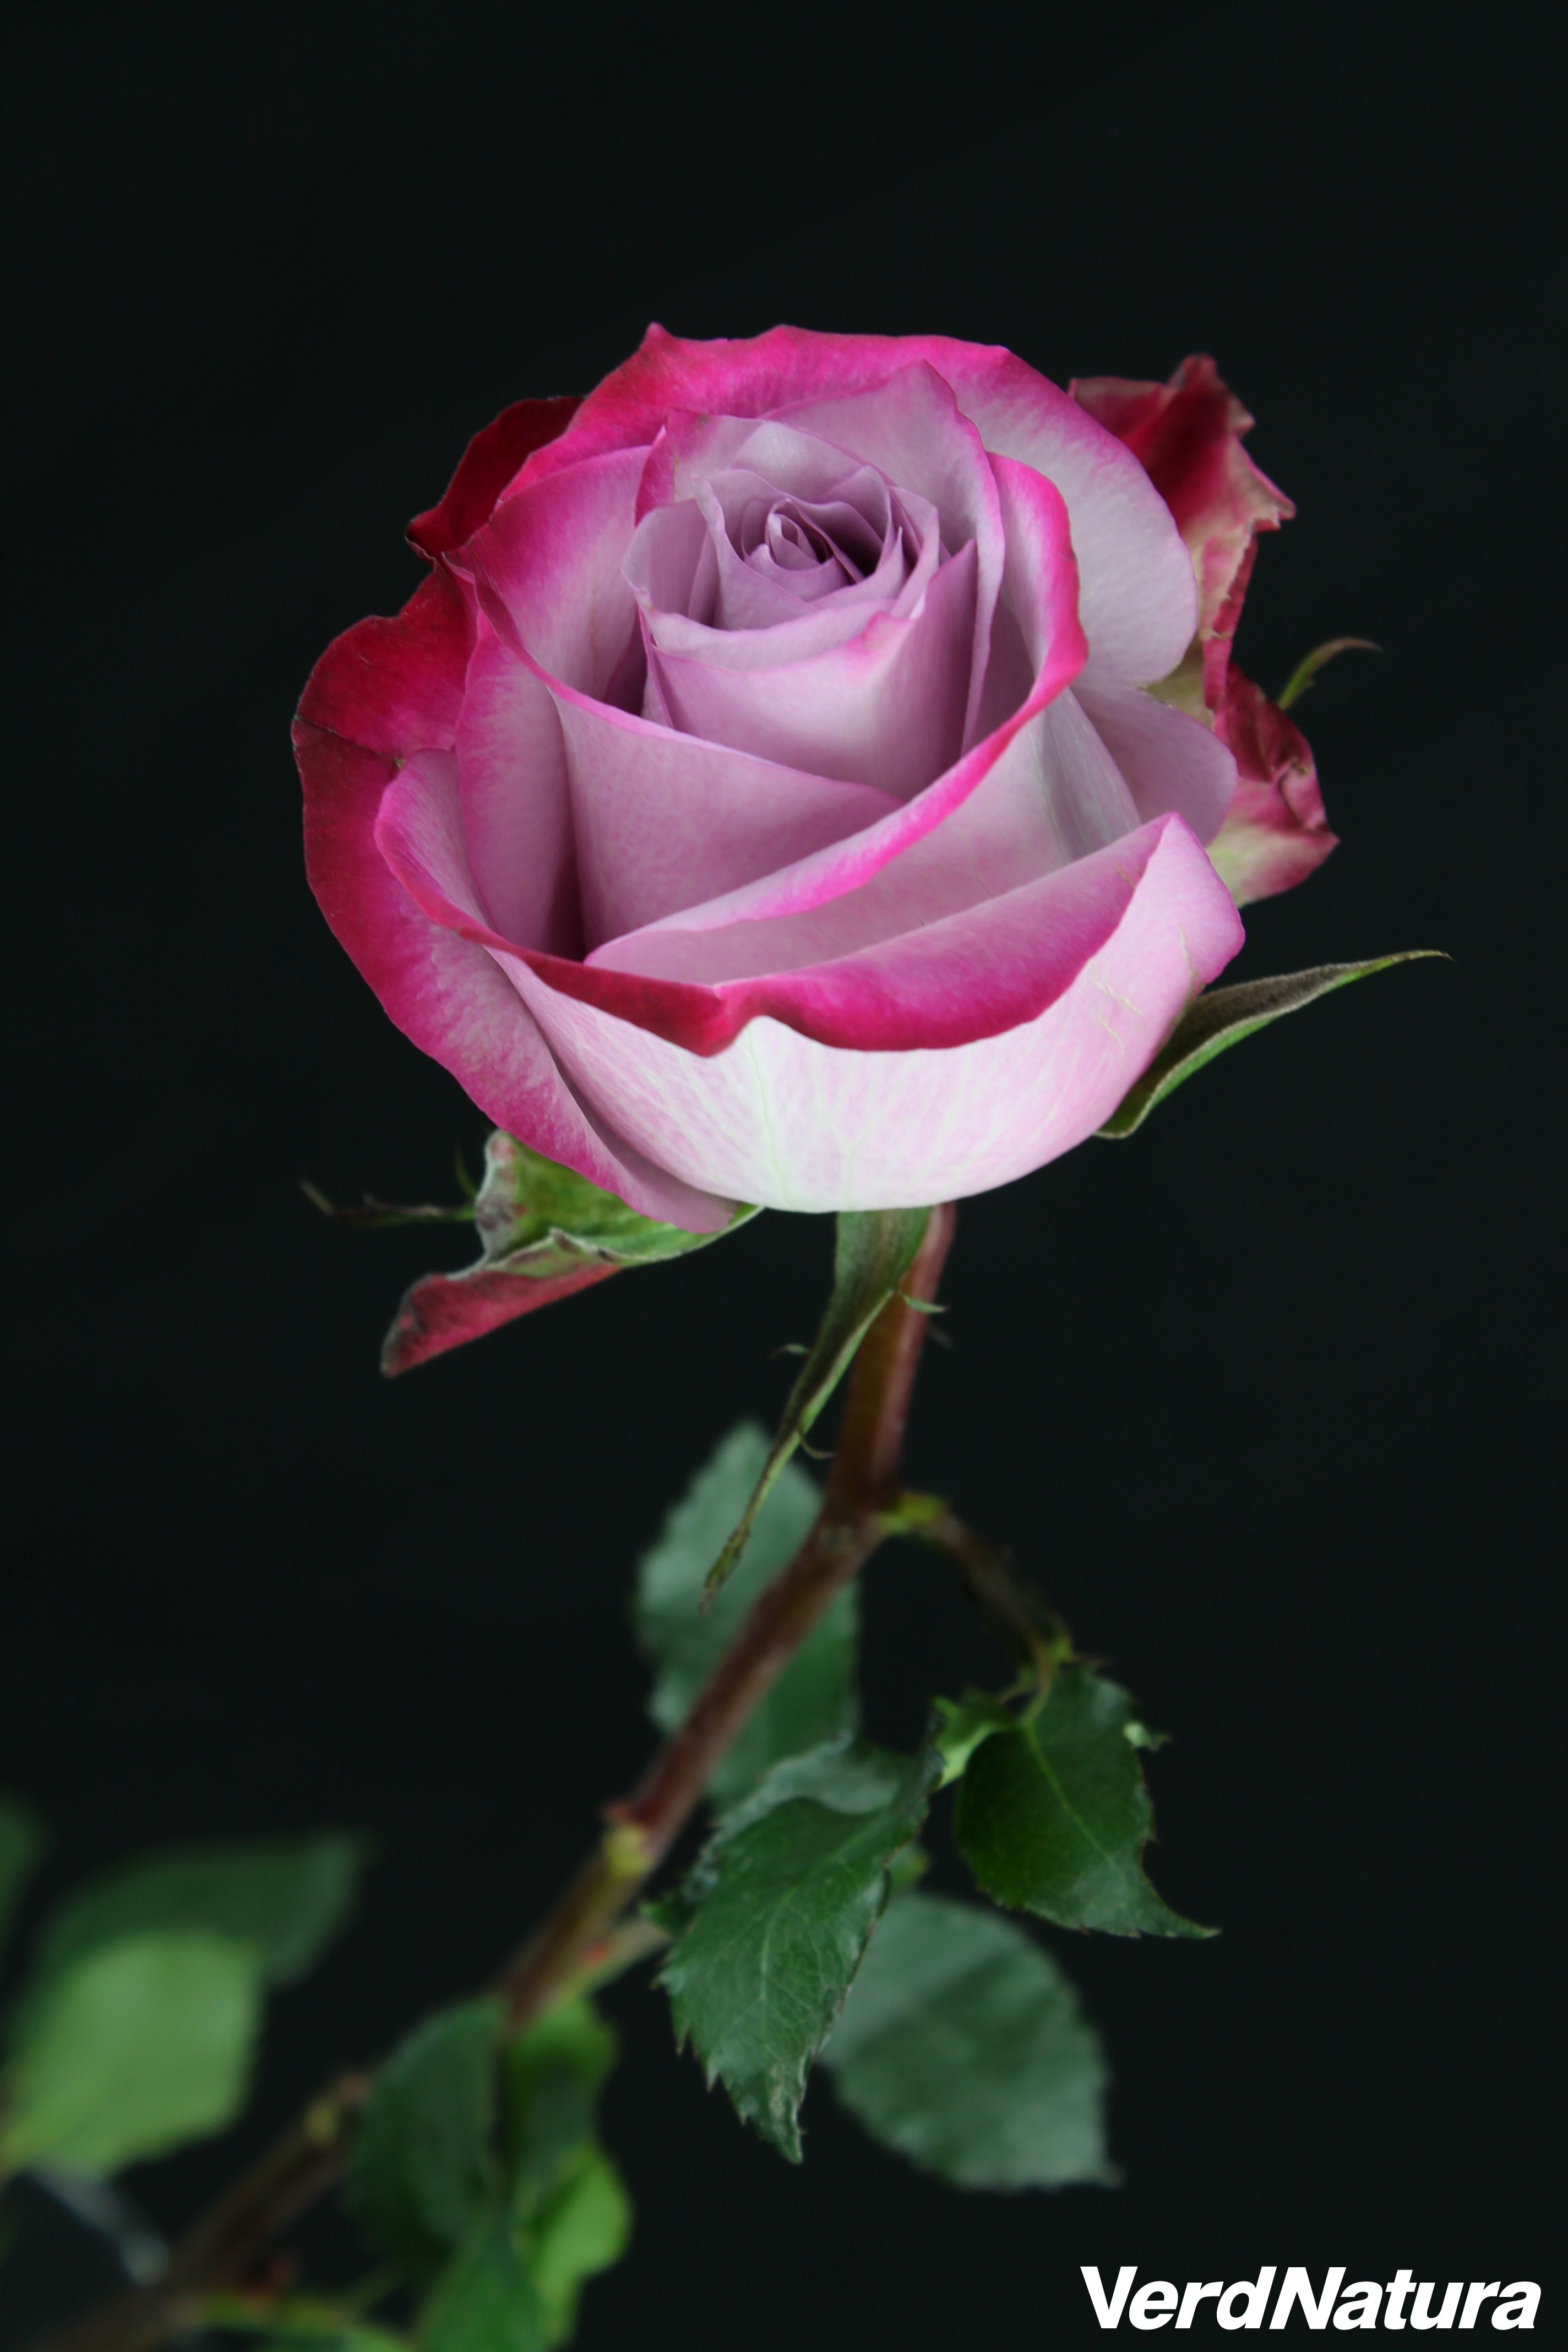 Rosa Deep Purple De Native Una Rosa De Una Extraordinaria Belleza